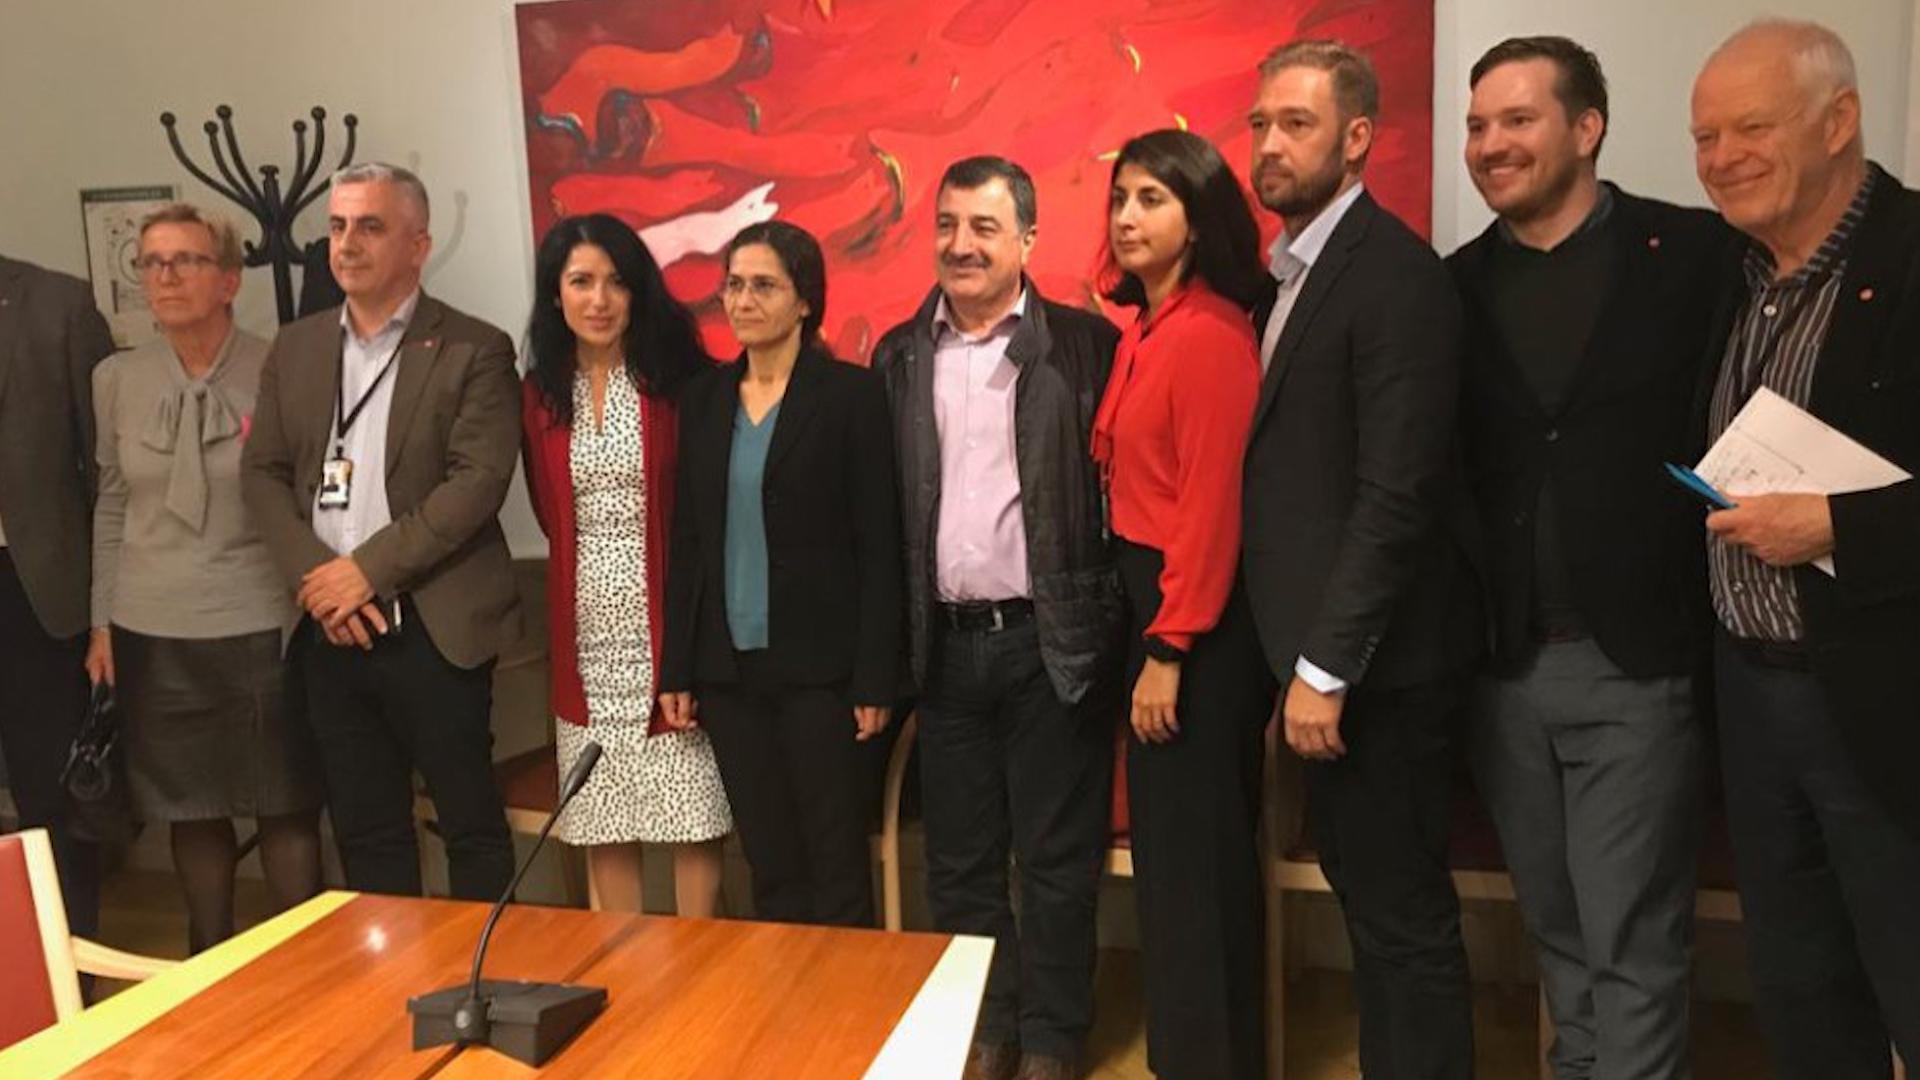 Photo of Îlham Ehmed: divê herêm ji firînê re were qedexekirin